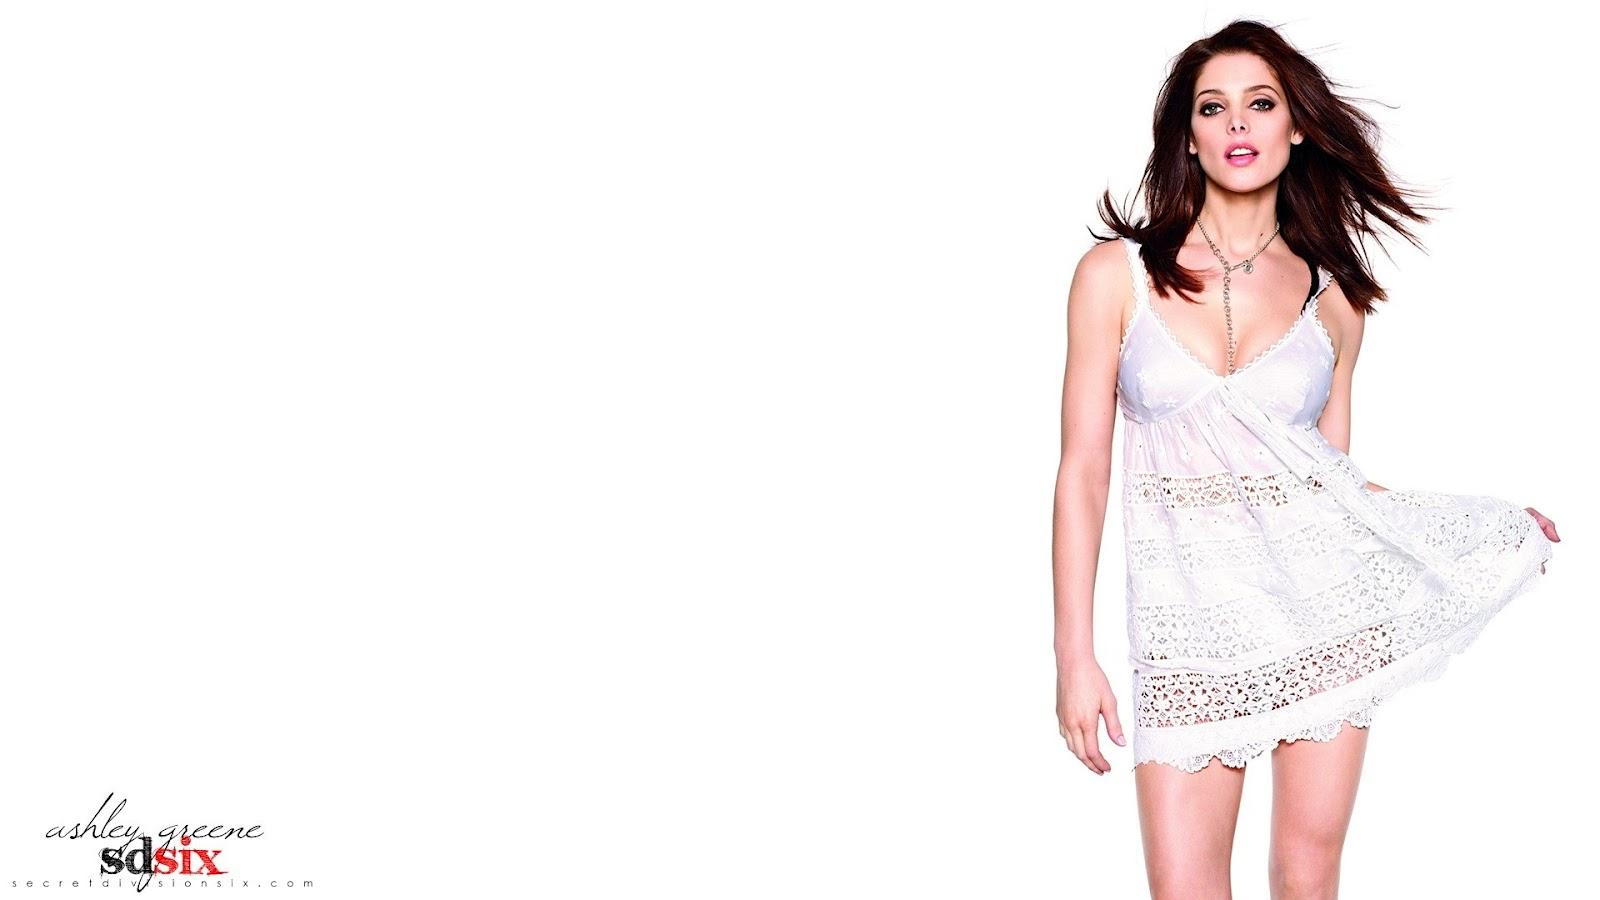 http://2.bp.blogspot.com/-9R__0WmCcUM/UCVB4wd1-EI/AAAAAAAACrs/vwvaCTLhzGI/s1600/ashley_greene_striking_actress_women_girl_white_dress-1920x1080.jpg